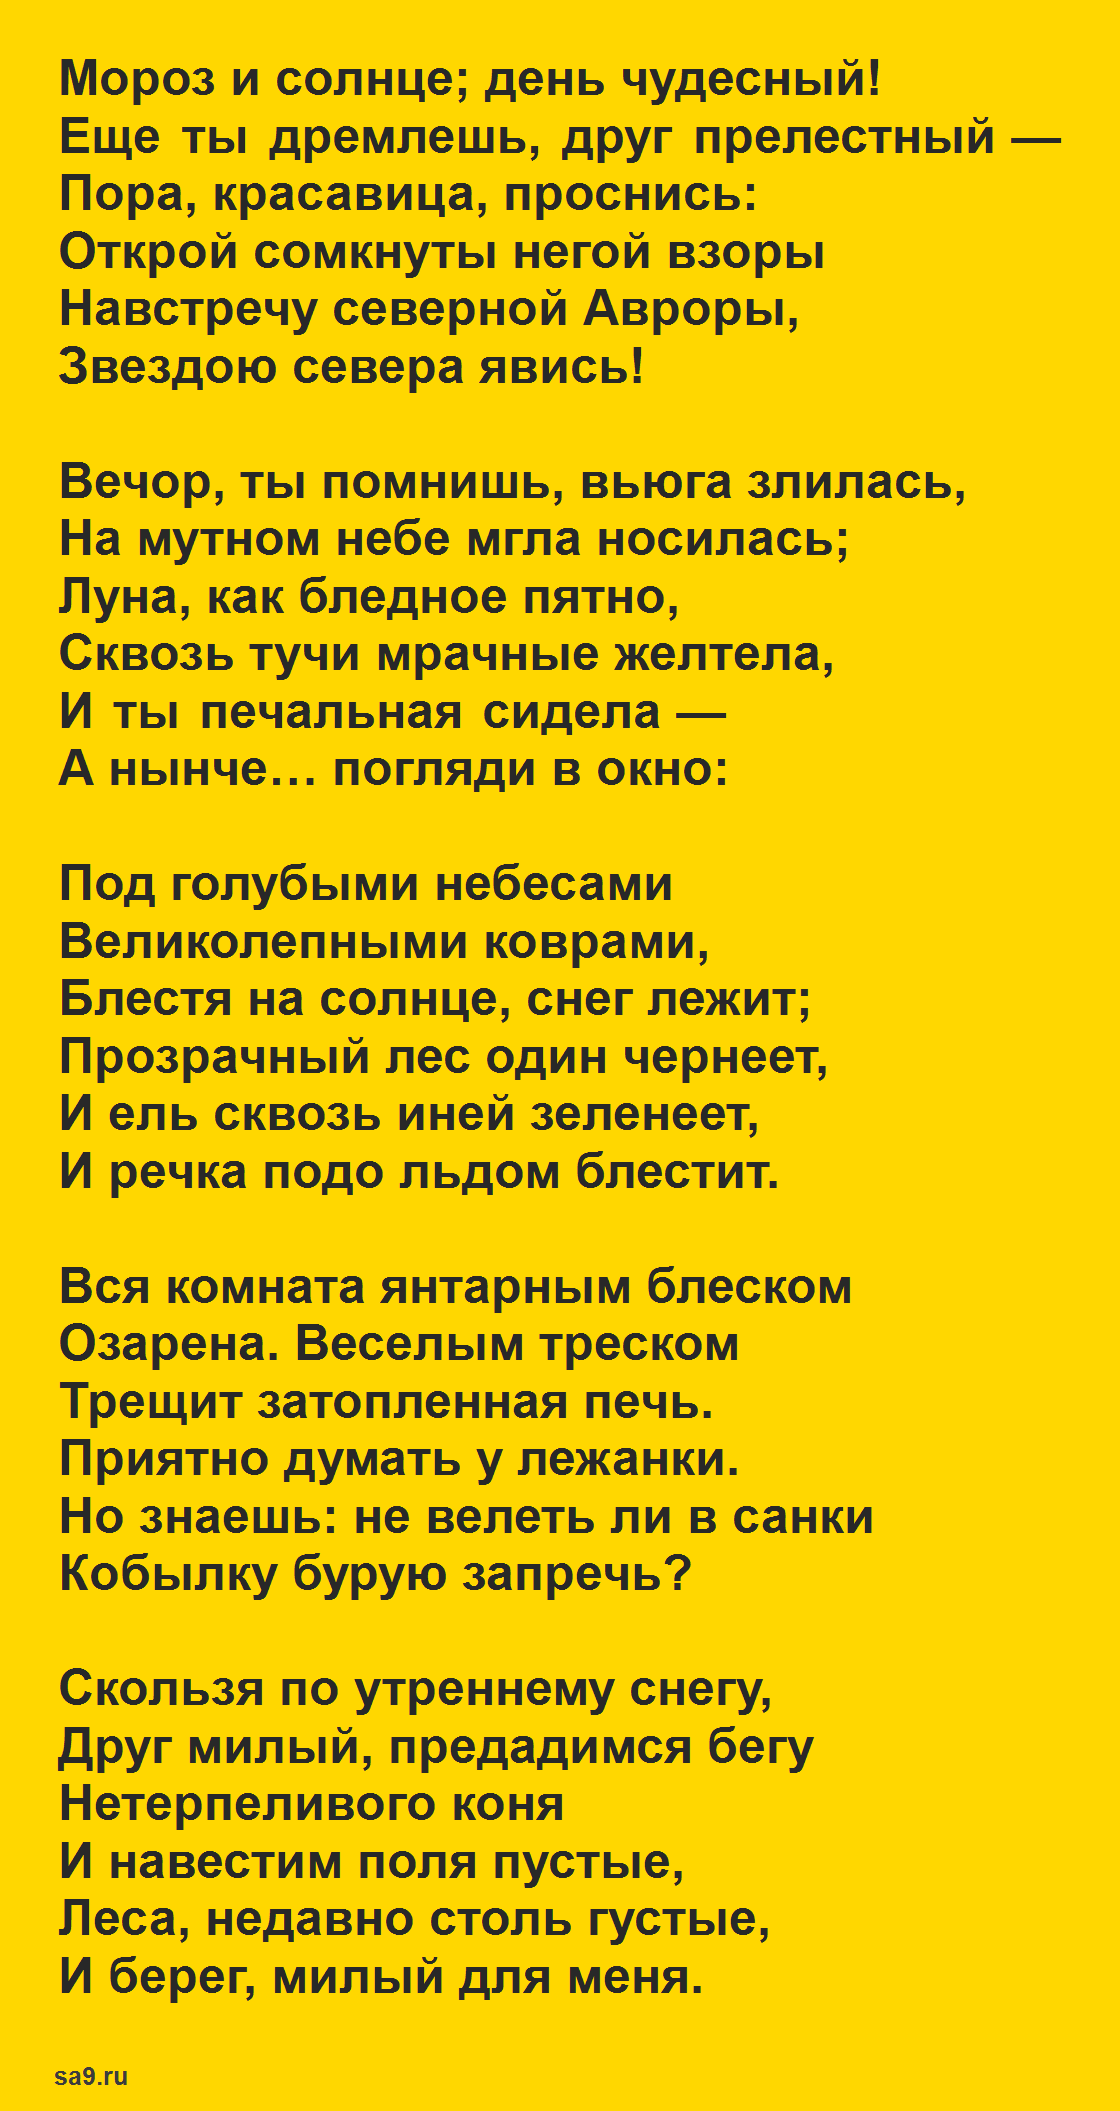 Читать стихи о природе - Зимнее утро, Пушкин